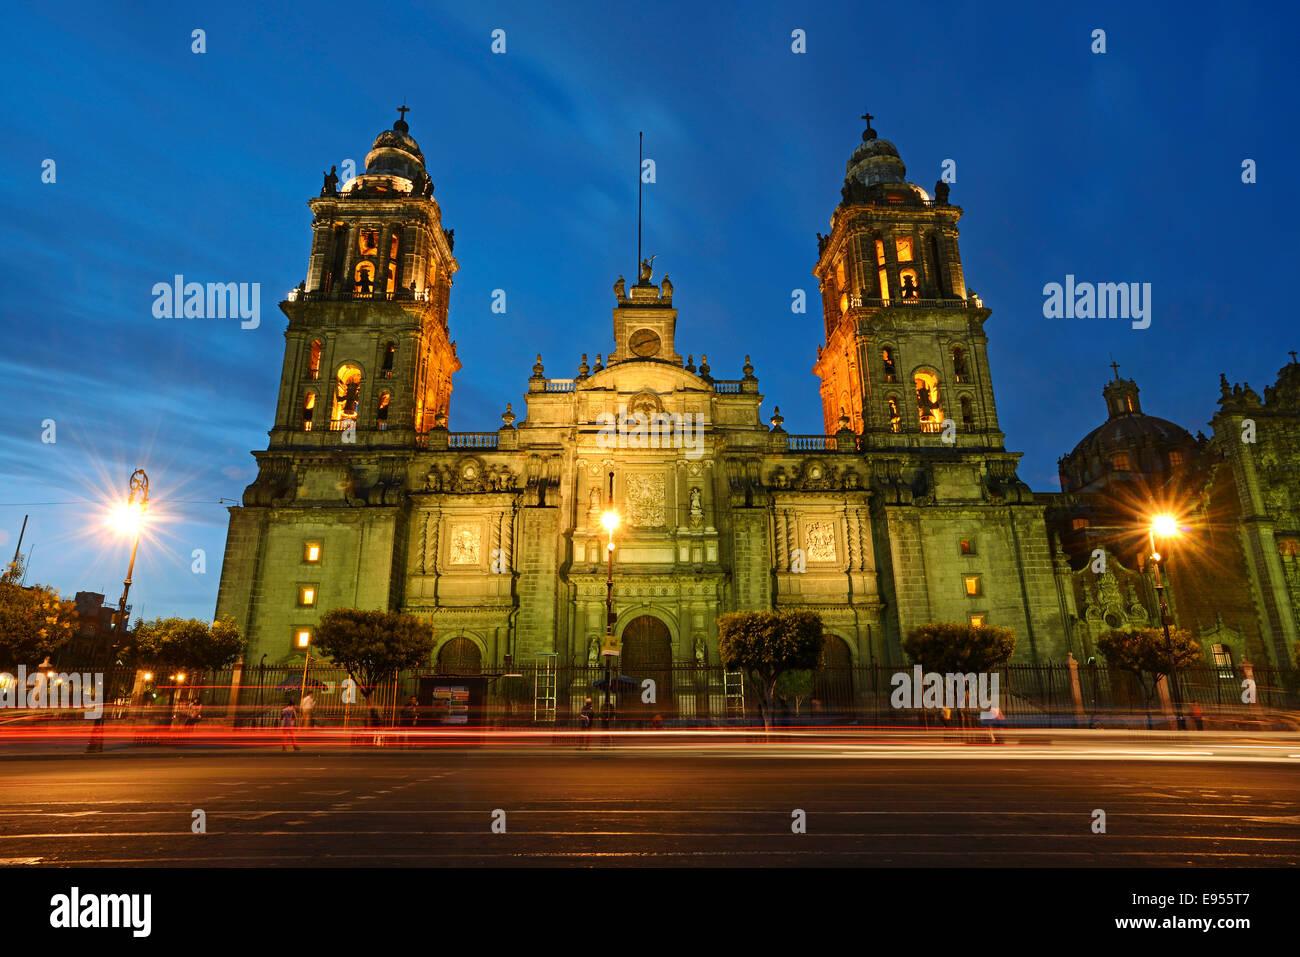 Catedral Metropolitana de la Ciudad de México, la Catedral Metropolitana de la Asunción de María, Imagen De Stock